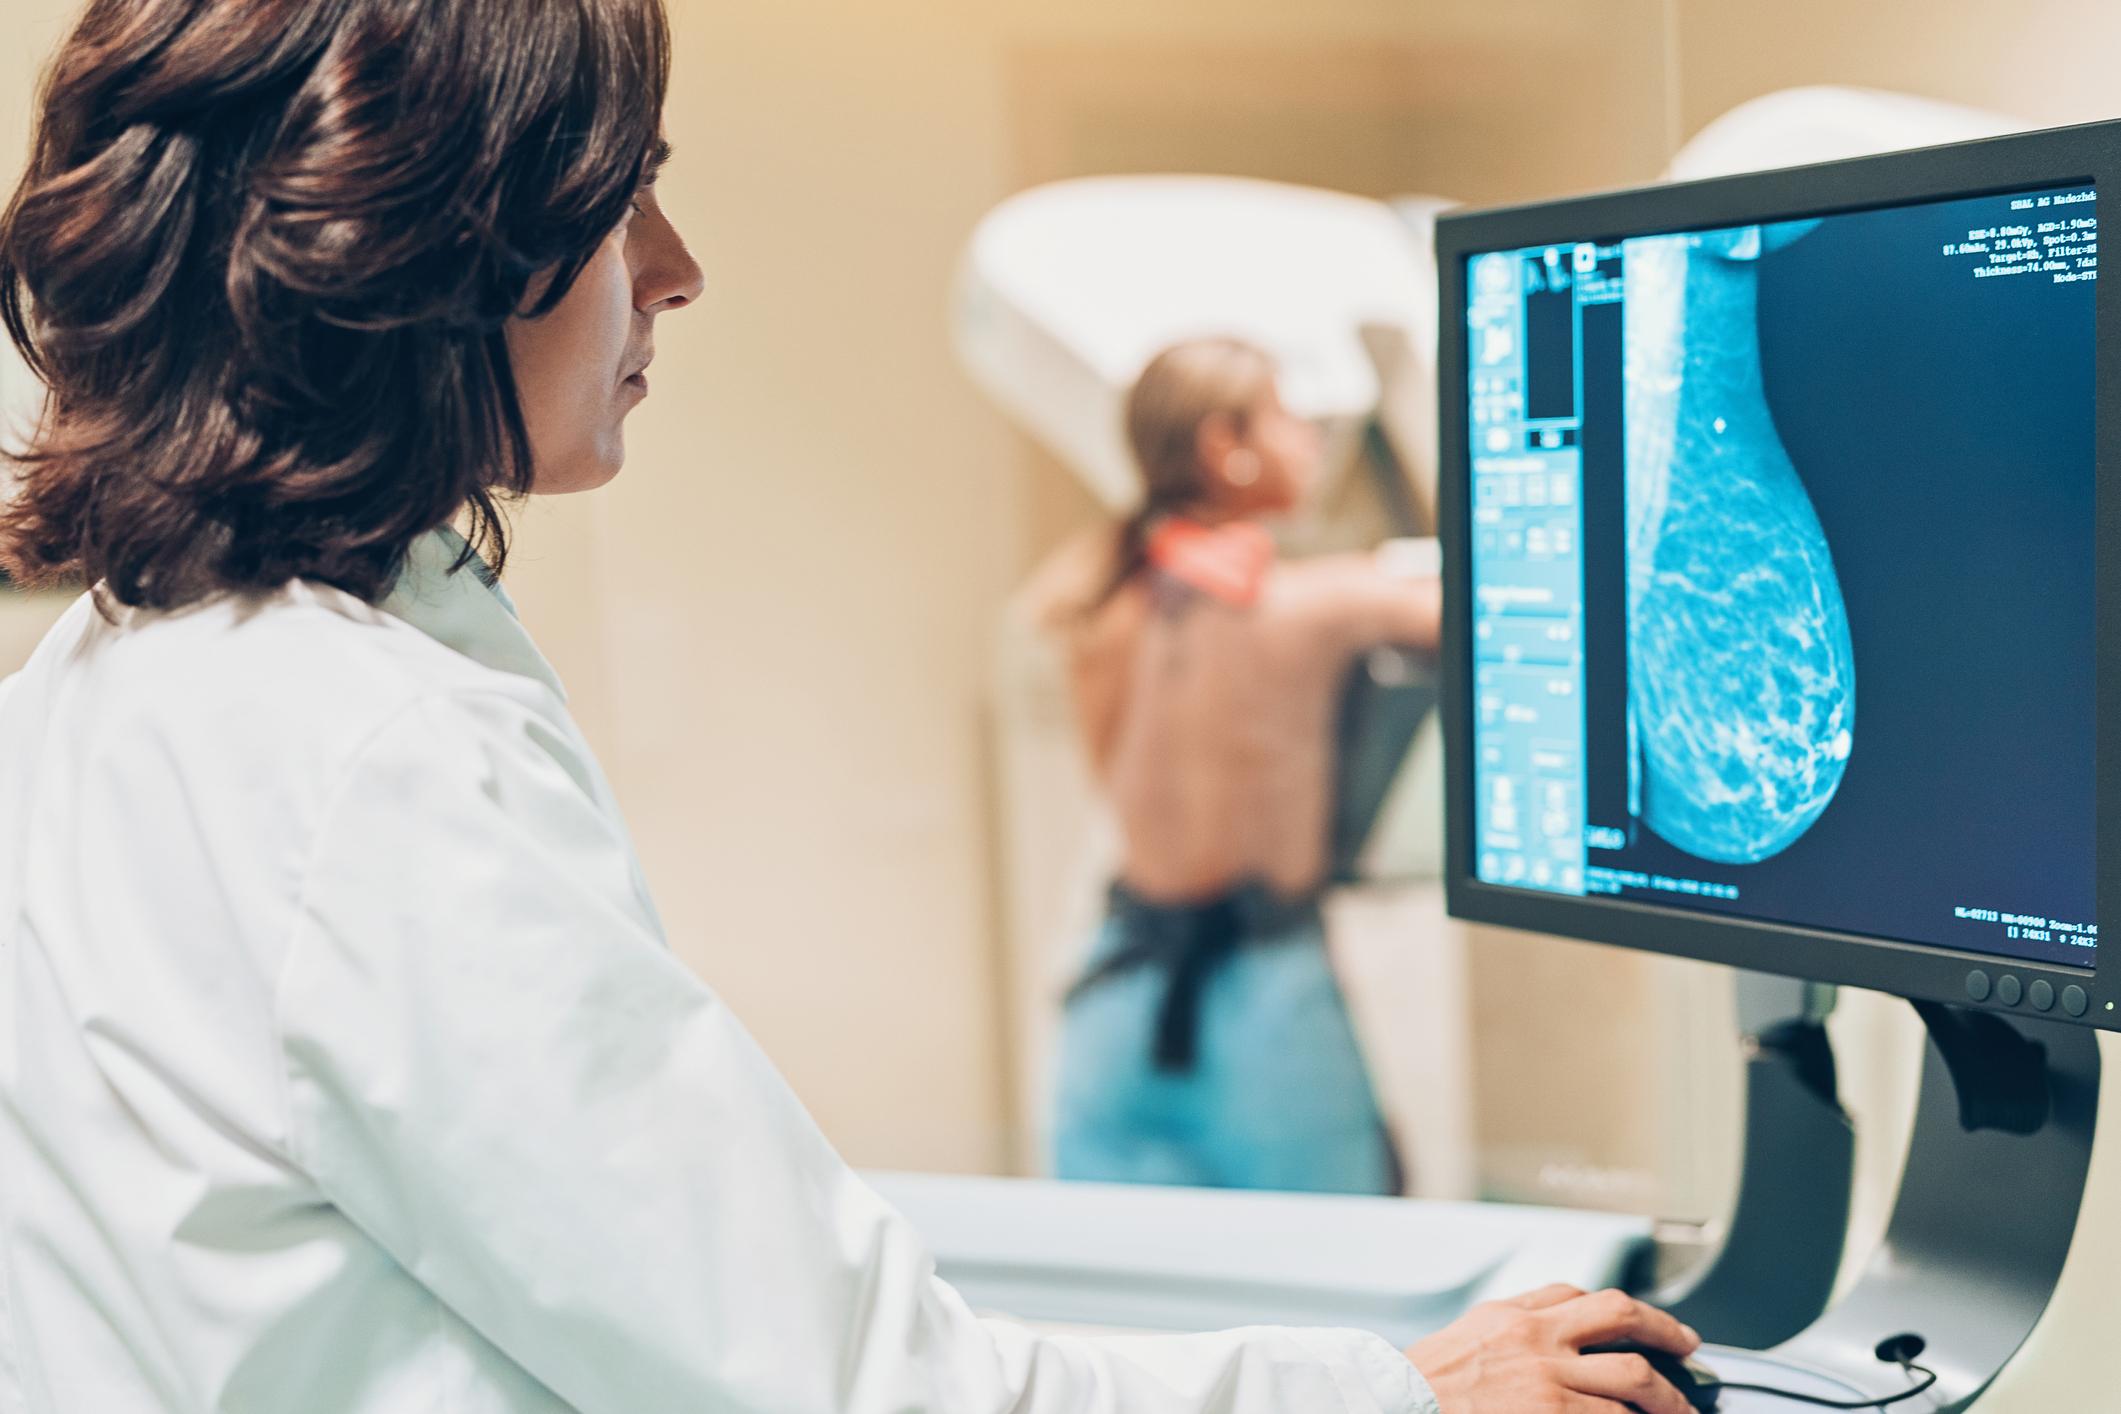 Iako se smrtnost od raka dojke smanjuje, brojka od 2735 novooboljelih žena još uvijek je izrazito visoka za našu malu populaciju.